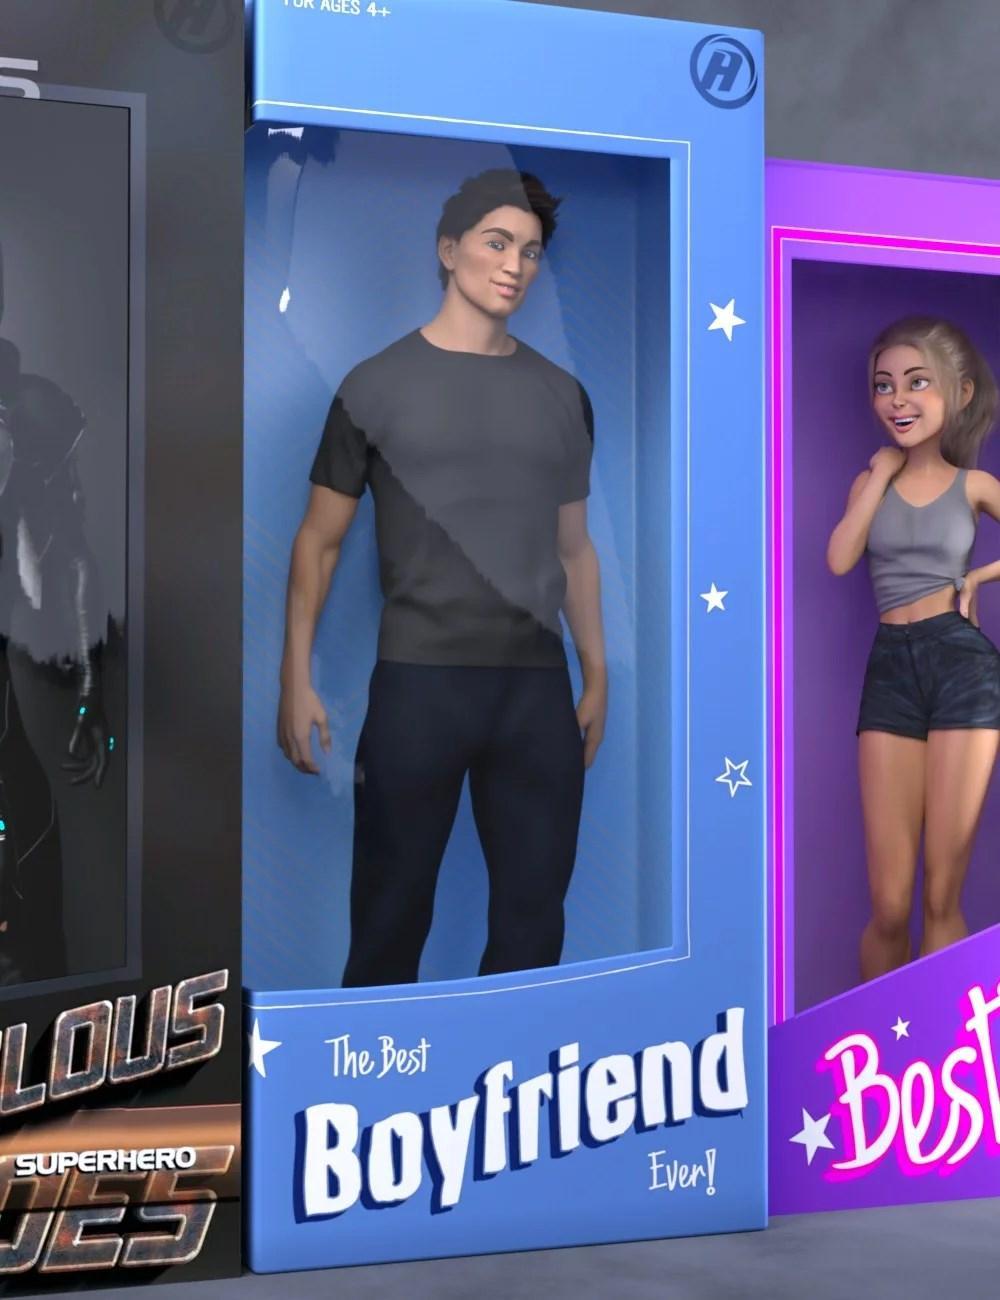 Boyfriend for Genesis 8 Male